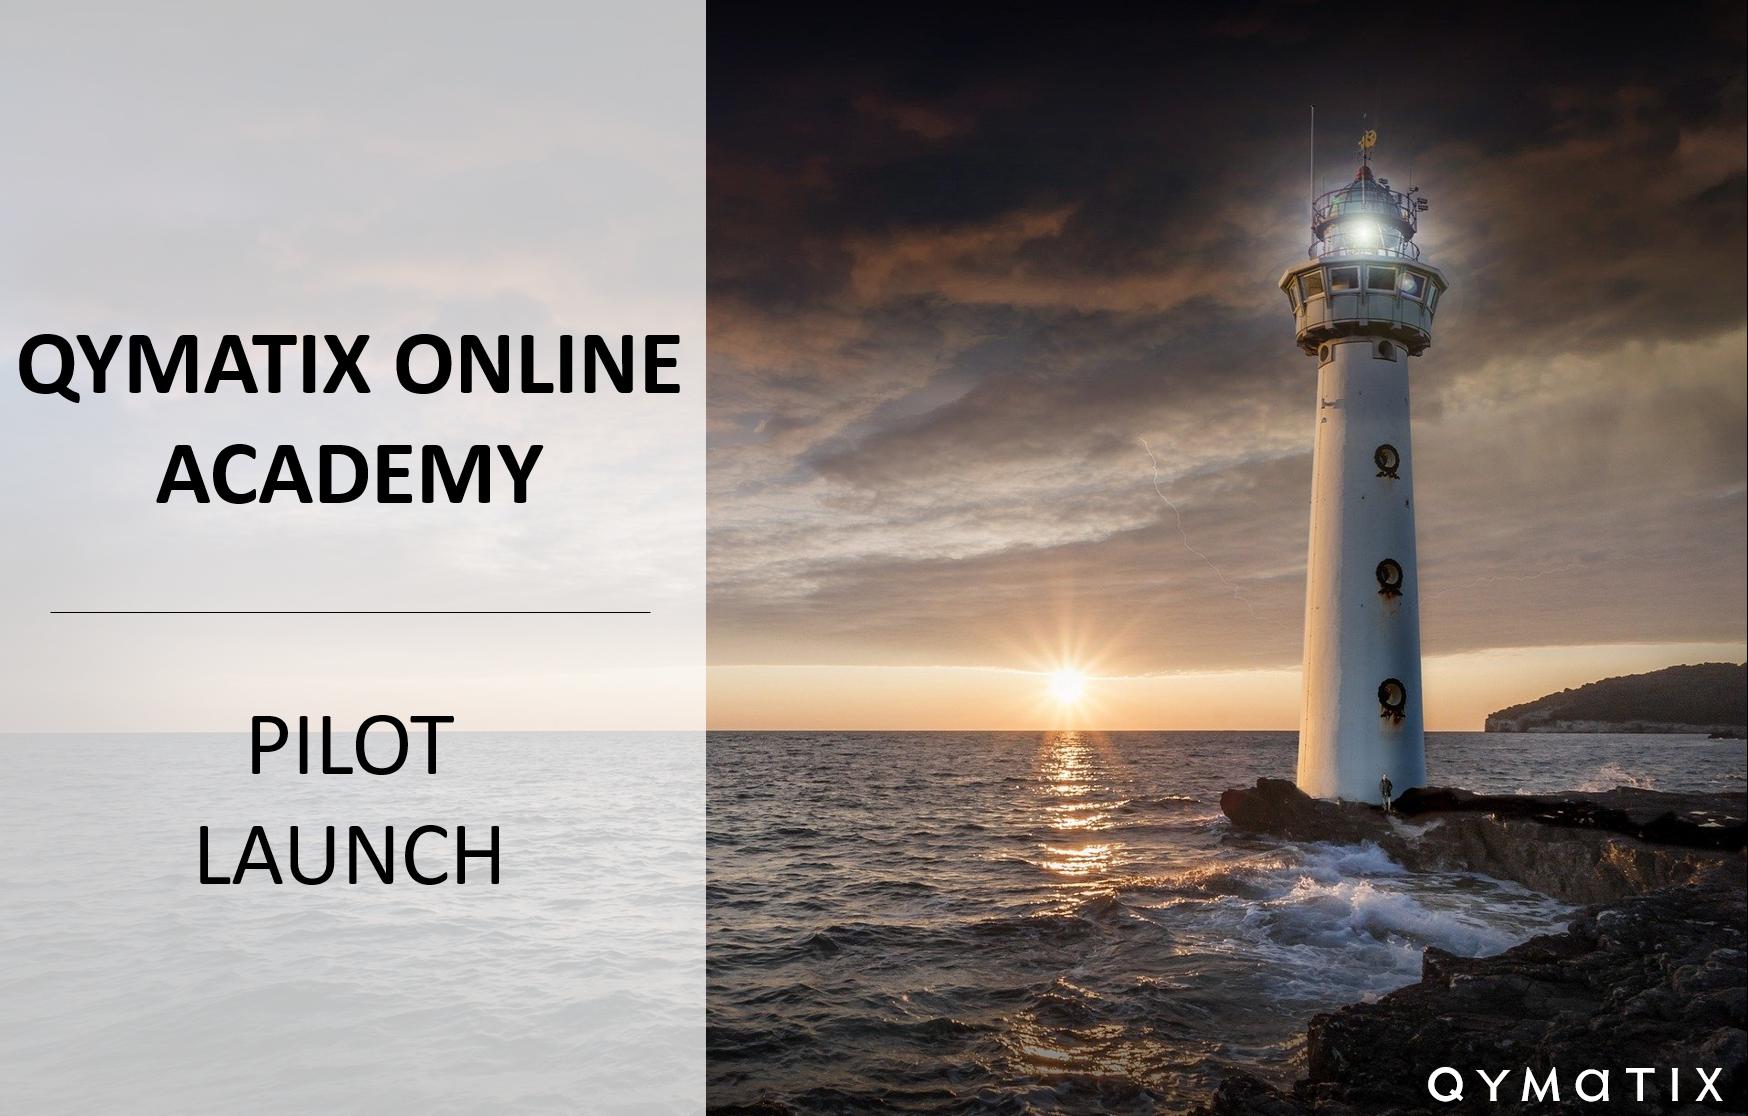 Qymatix Online Academy